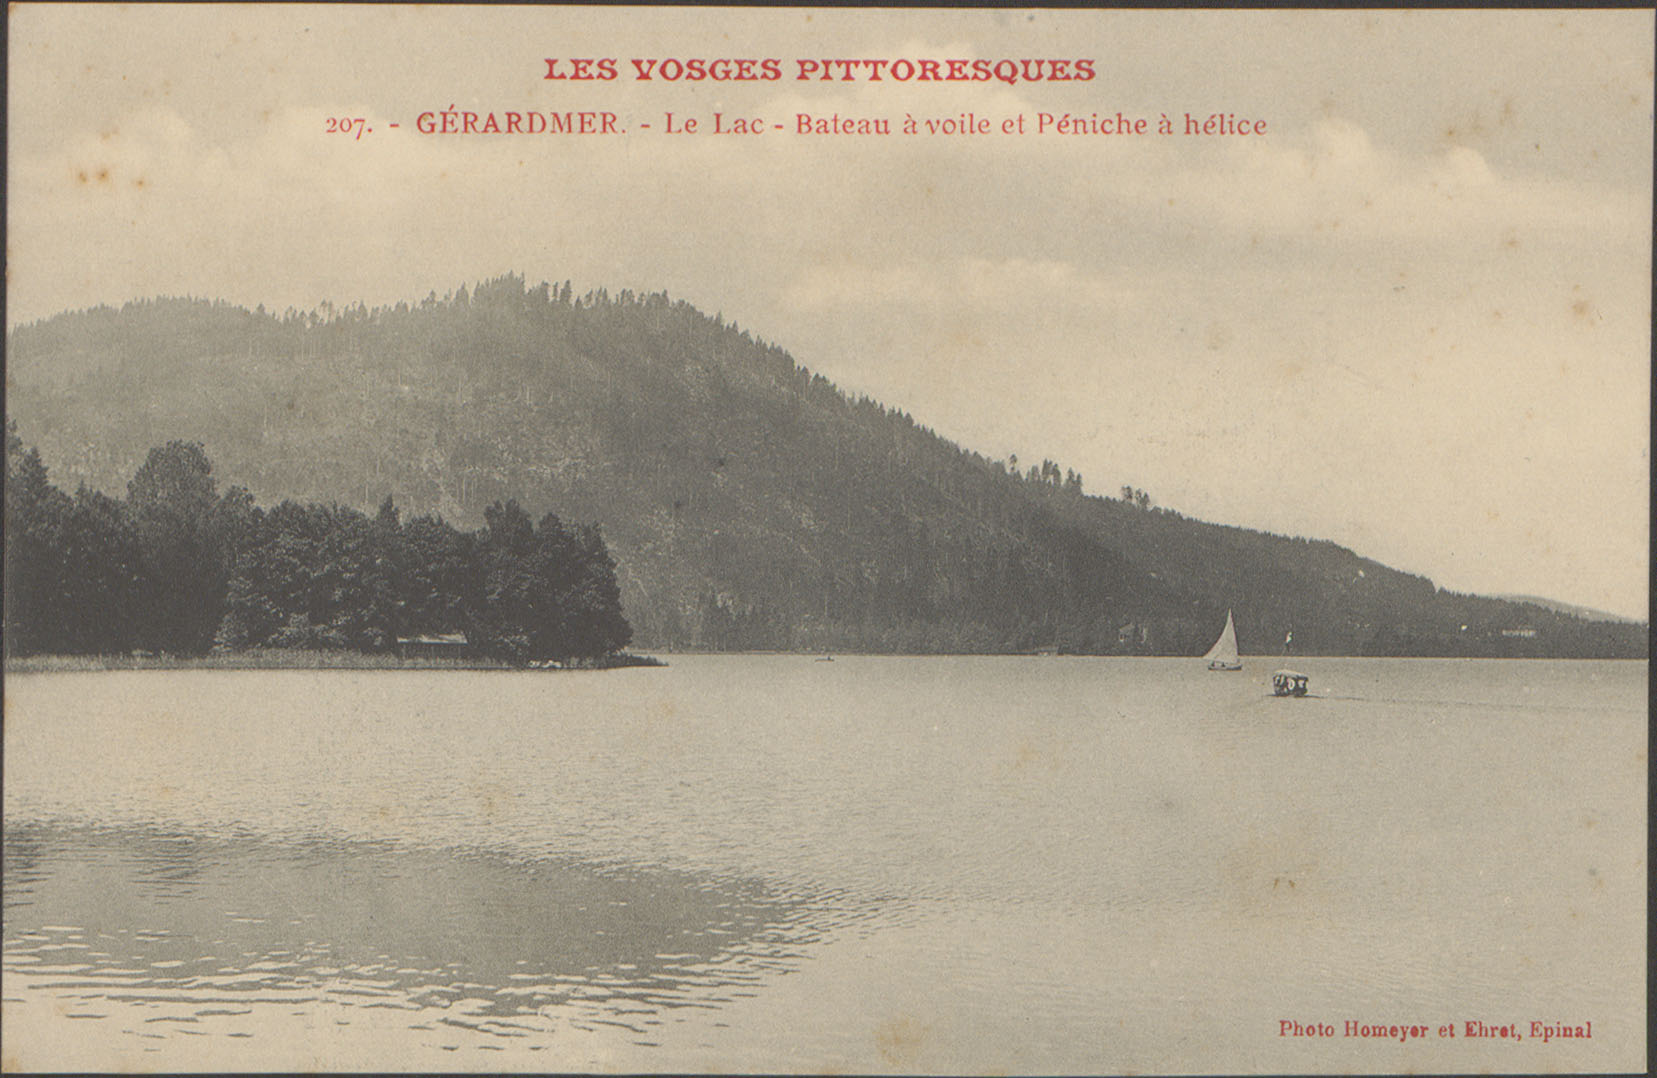 Contenu du Gérardmer, Le Lac, Bateau à voile et péniche à hélice